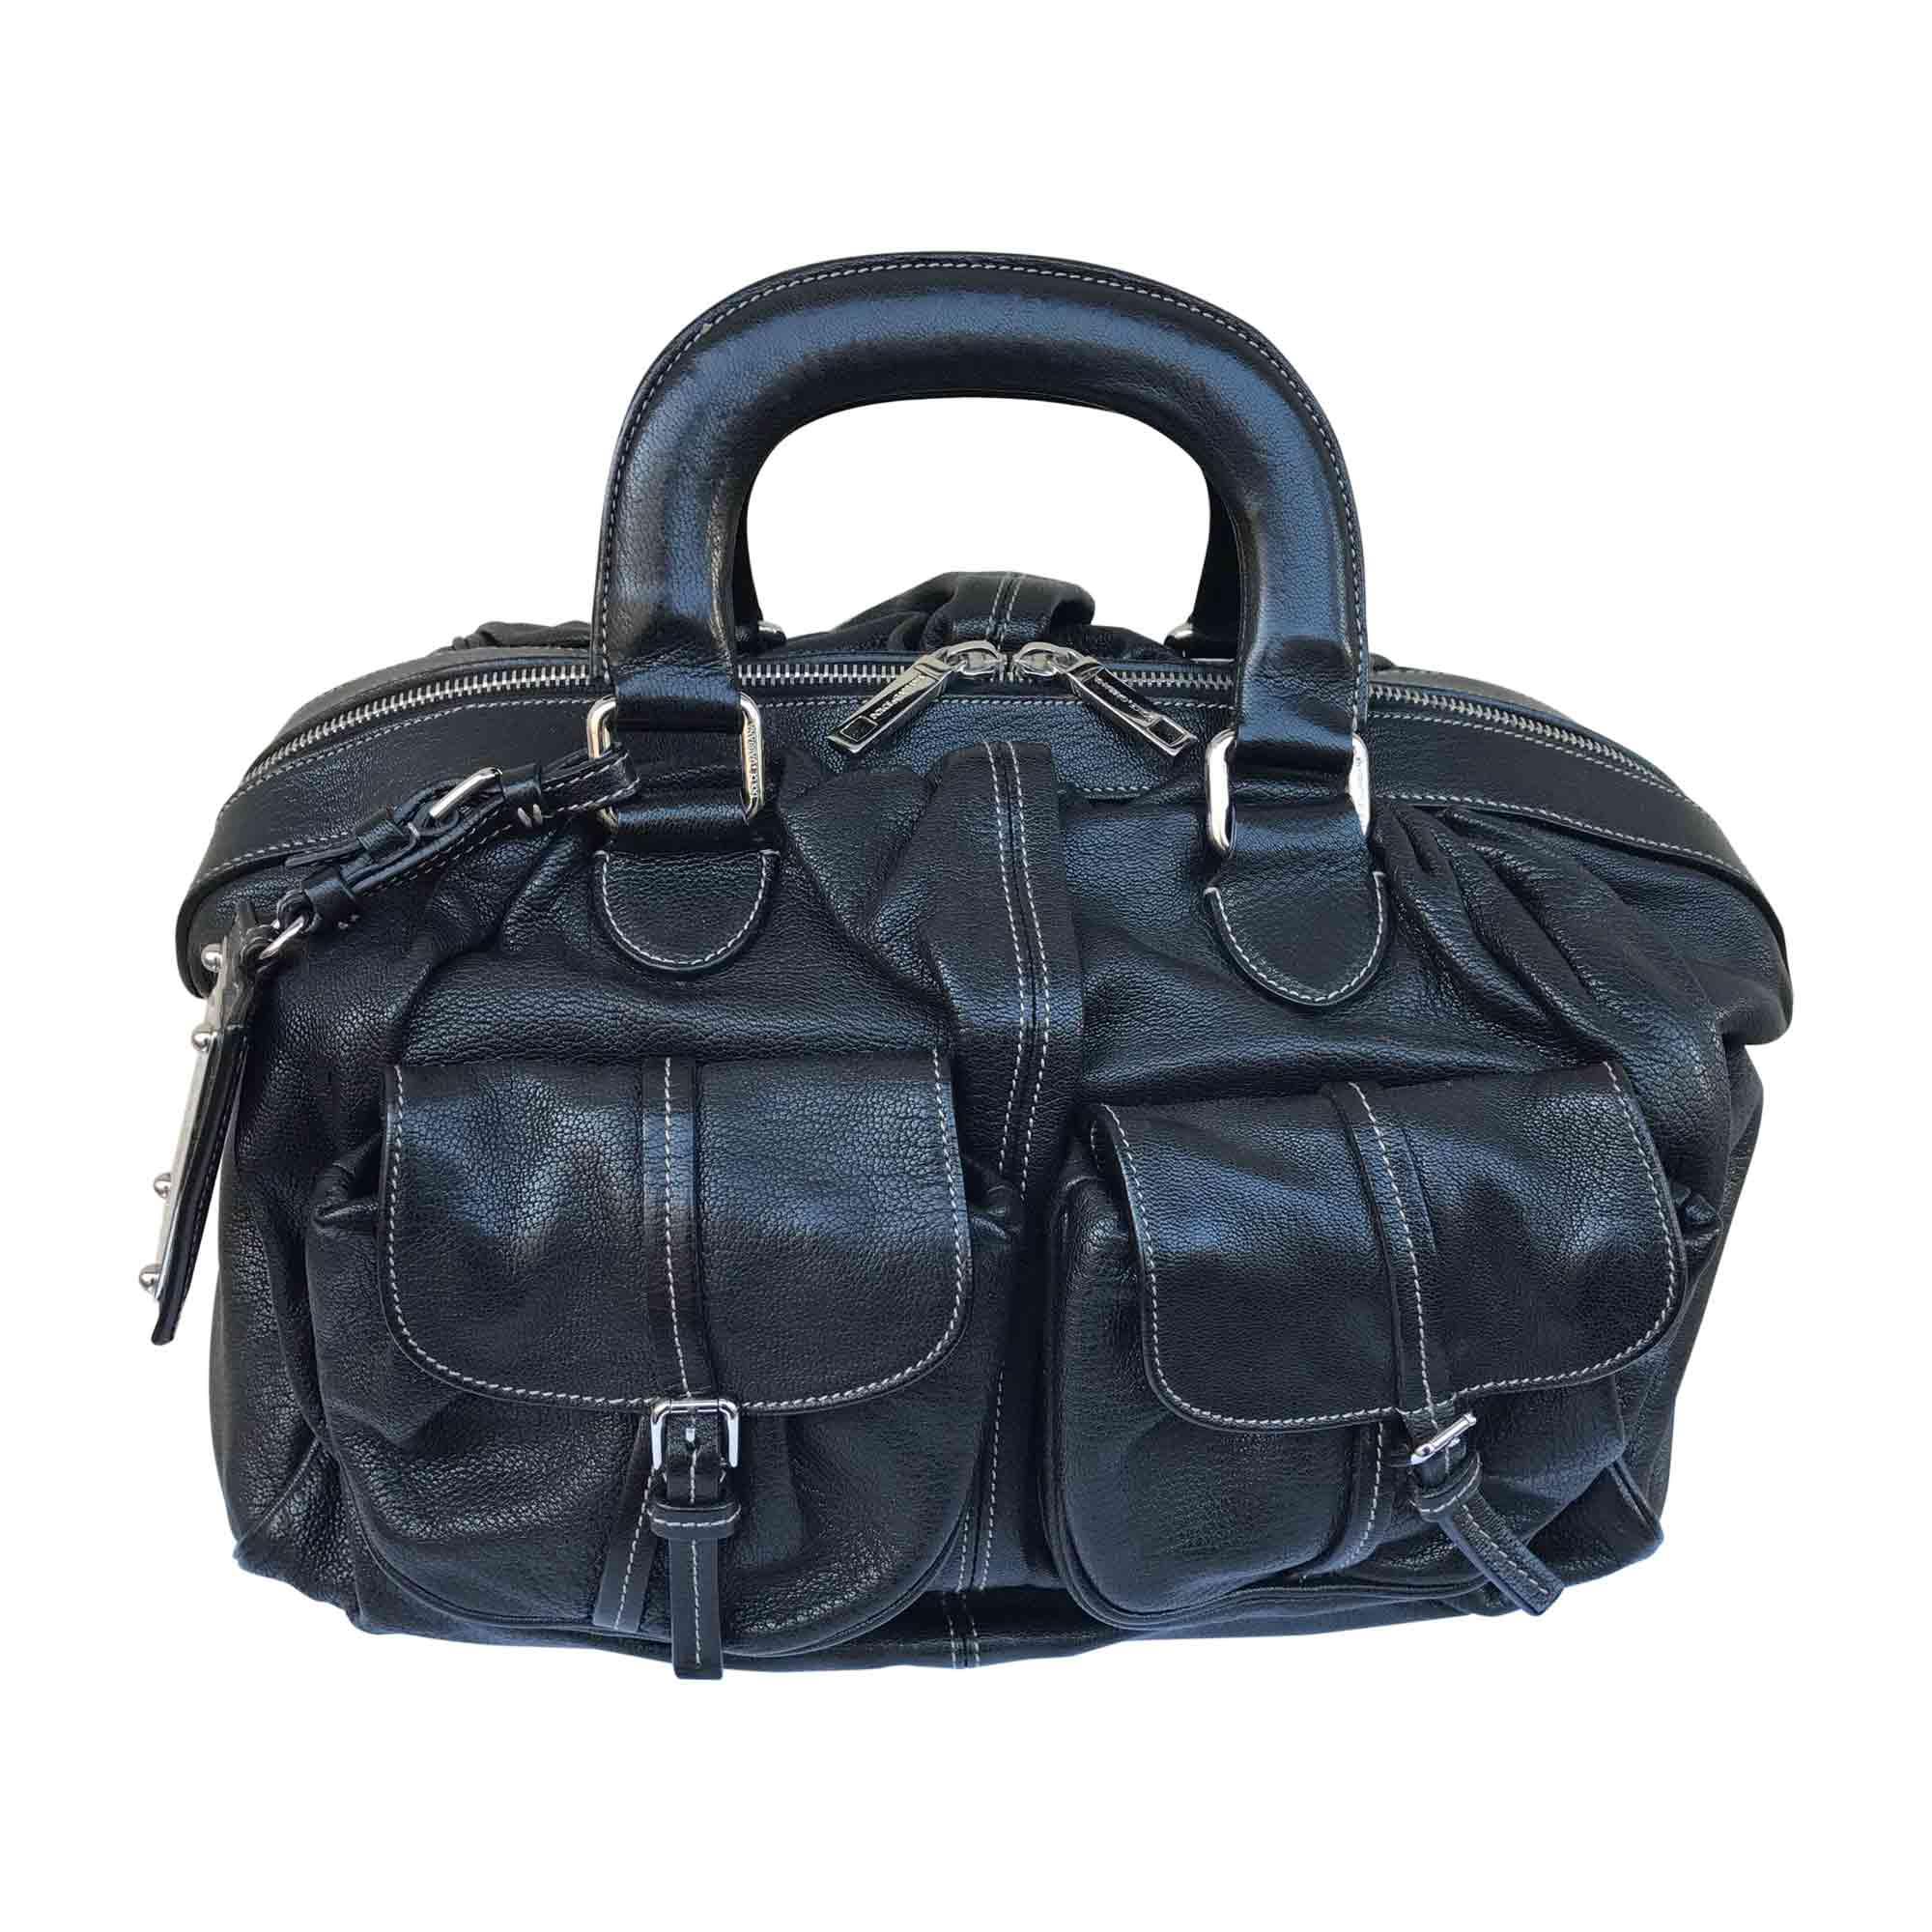 Cuir Dolce Noir En 5854054 Sac amp; Main Gabbana À wqInRtx1